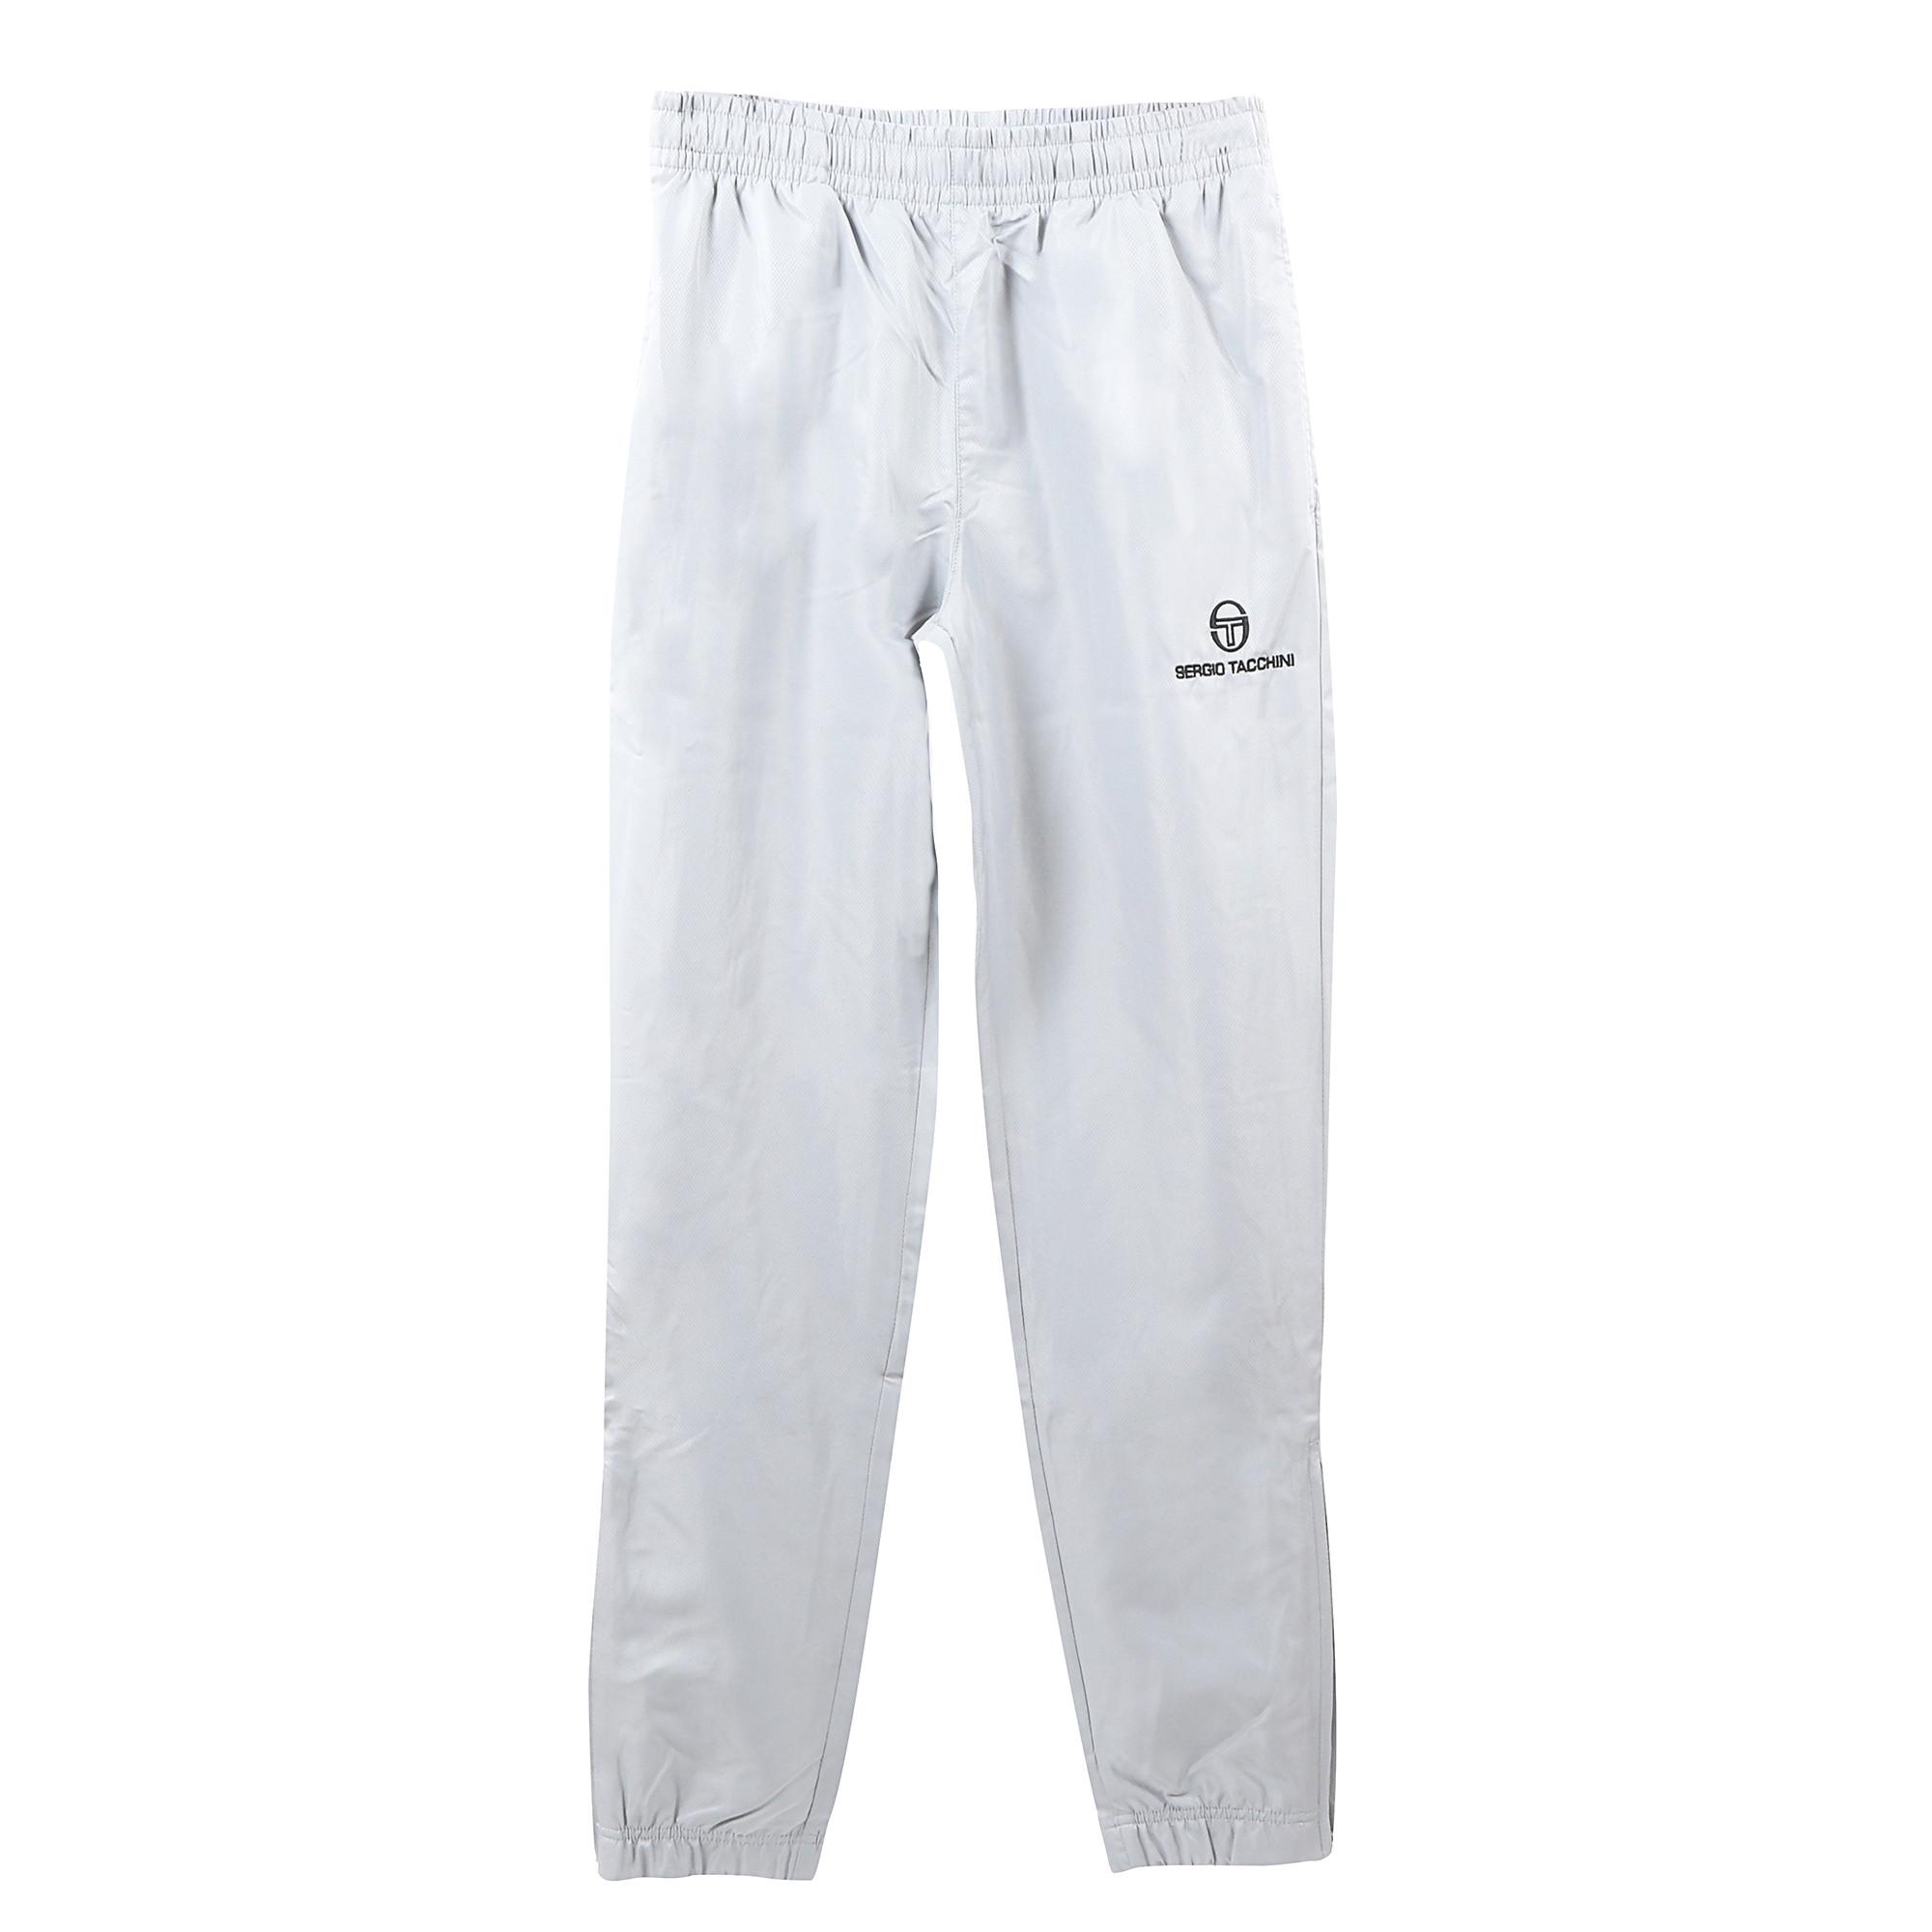 9ad797d046 Carson Pantalon Homme SERGIO TACCHINI GRIS pas cher - Pantalons de  survêtement homme SERGIO TACCHINI discount